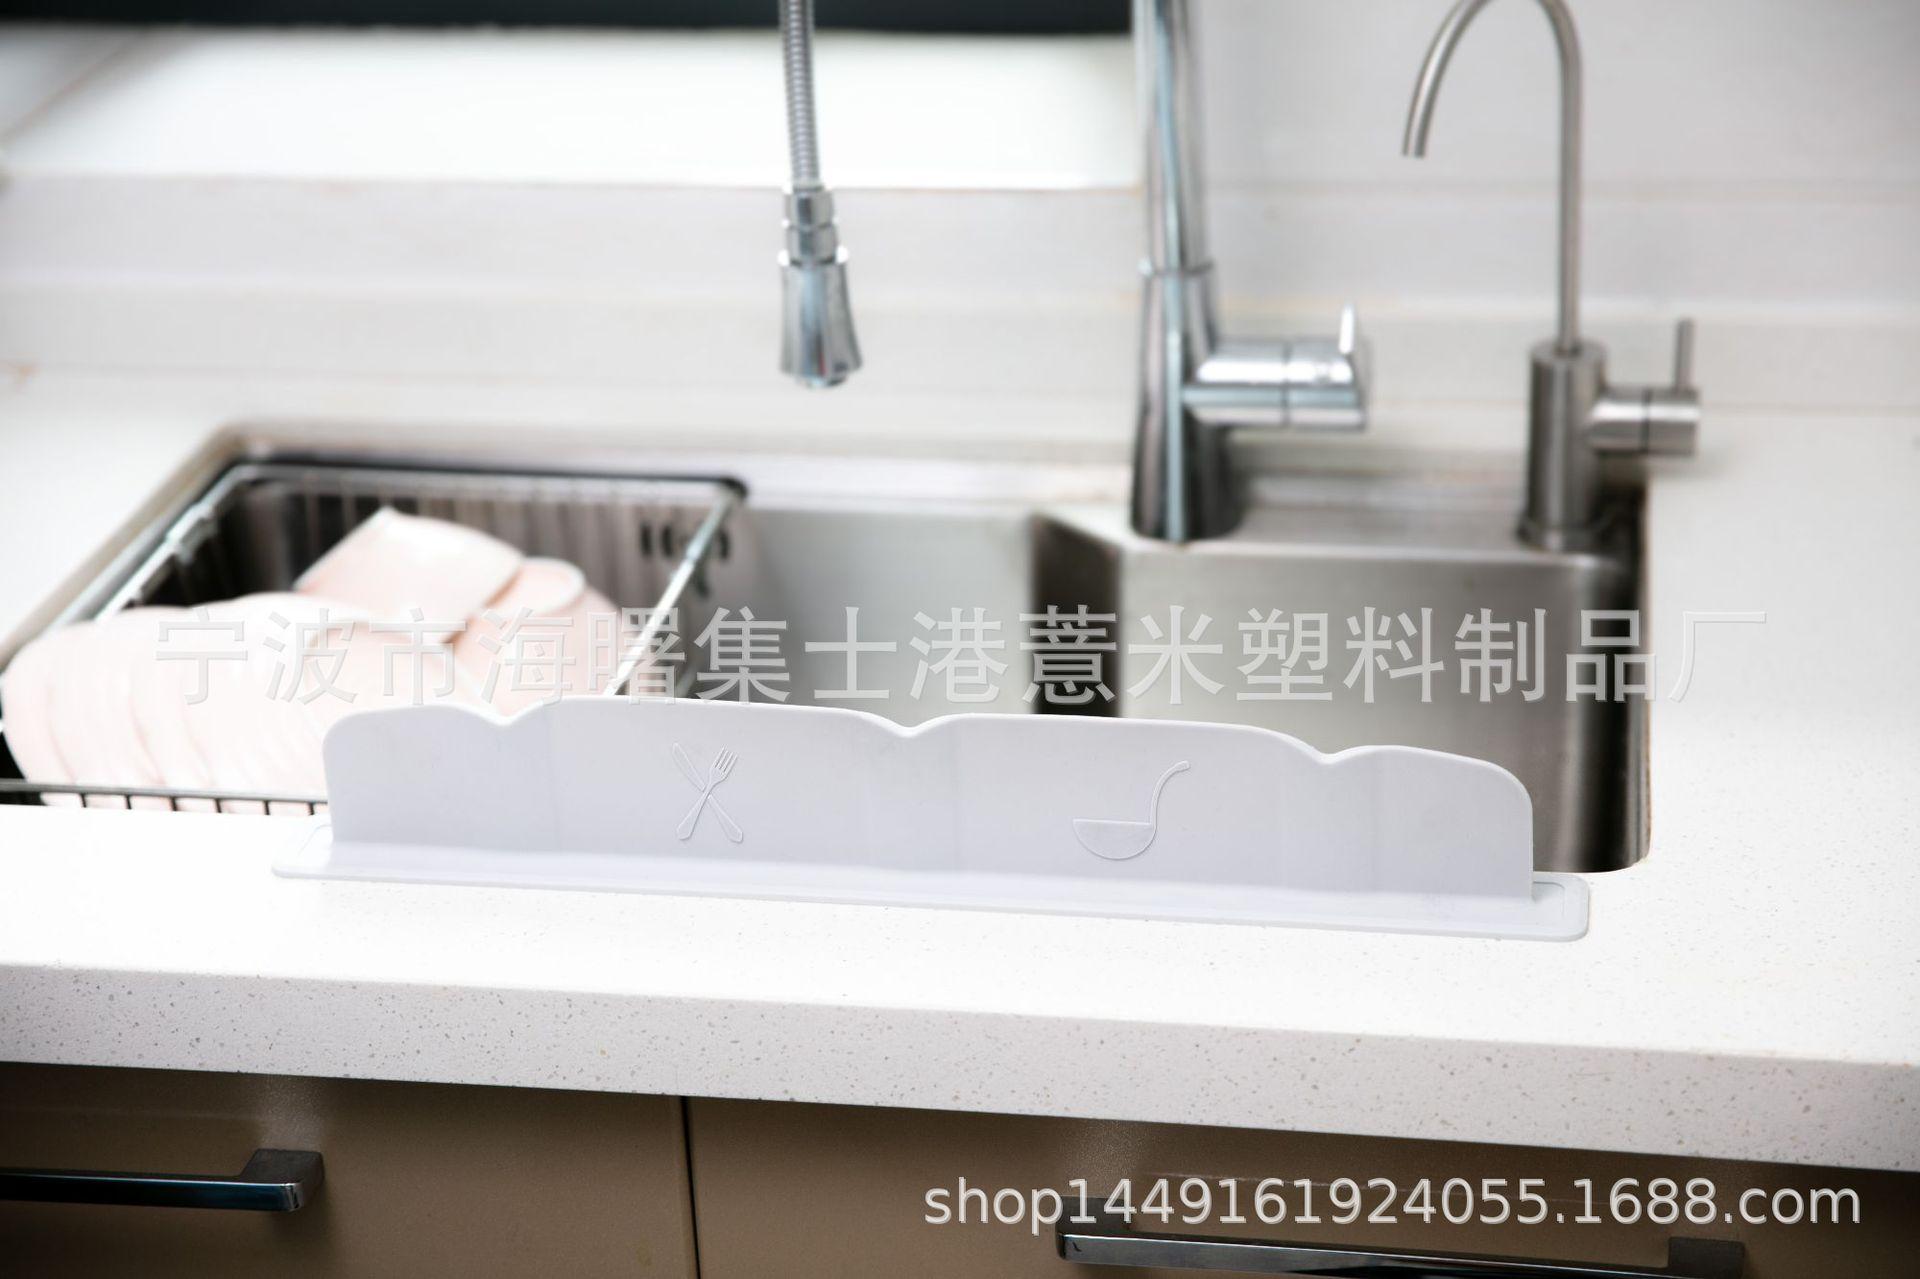 专利第2代硅胶多功能创意水槽挡水板水池挡水板创意厨房小用品